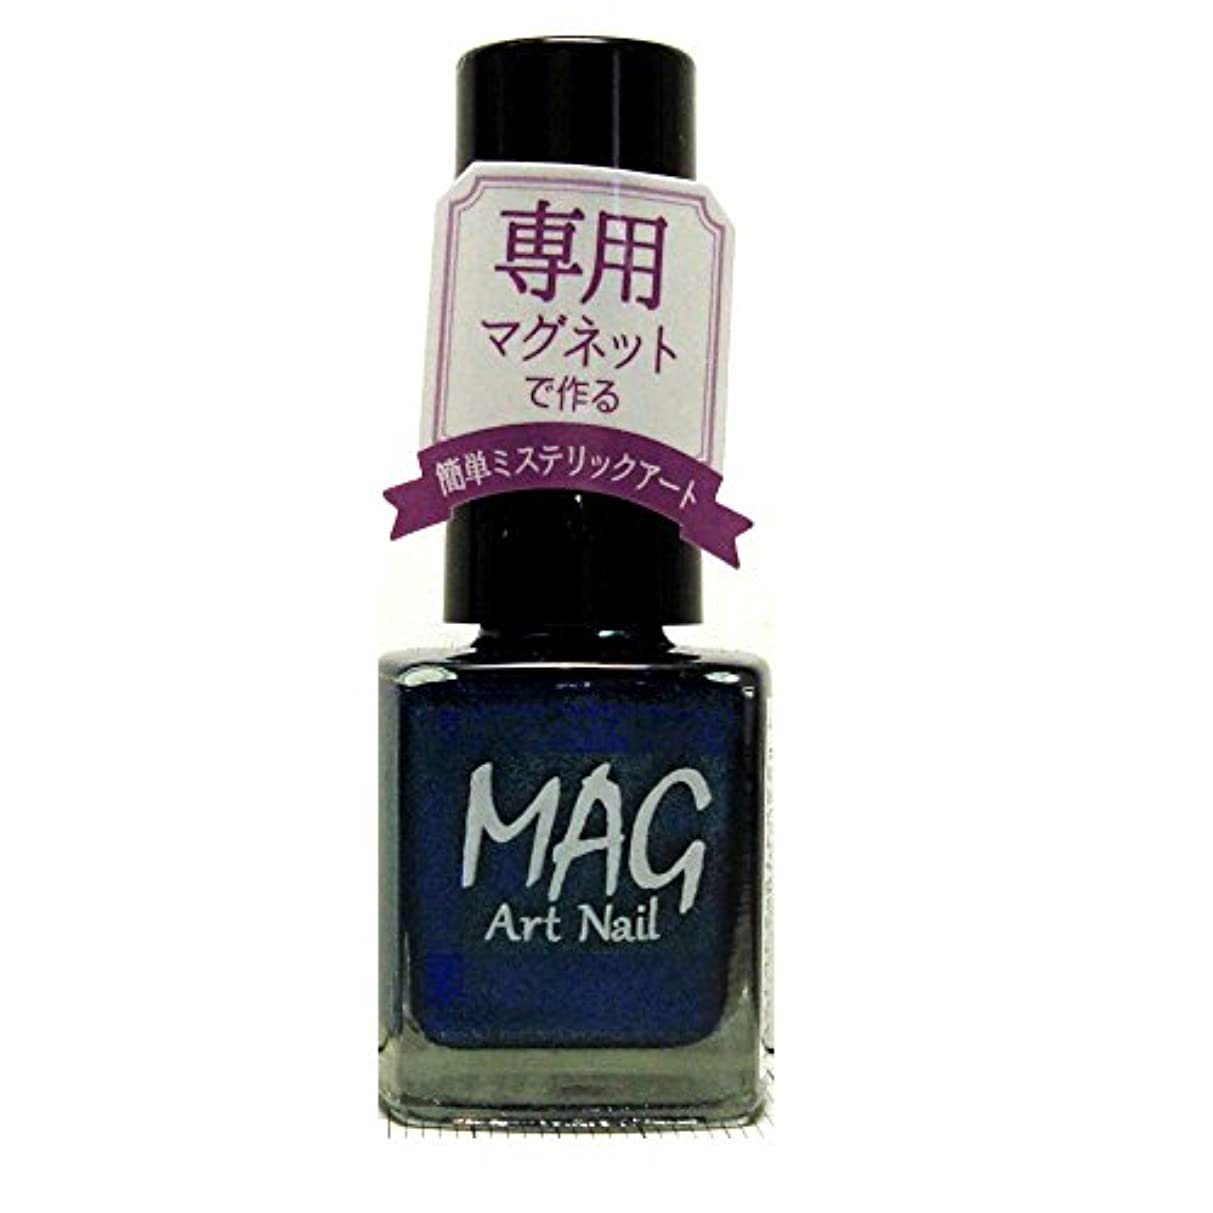 ファンネルウェブスパイダーオーバーラン名前でTMマグアートネイル(爪化粧料) TMMA1605 ナイトブルー